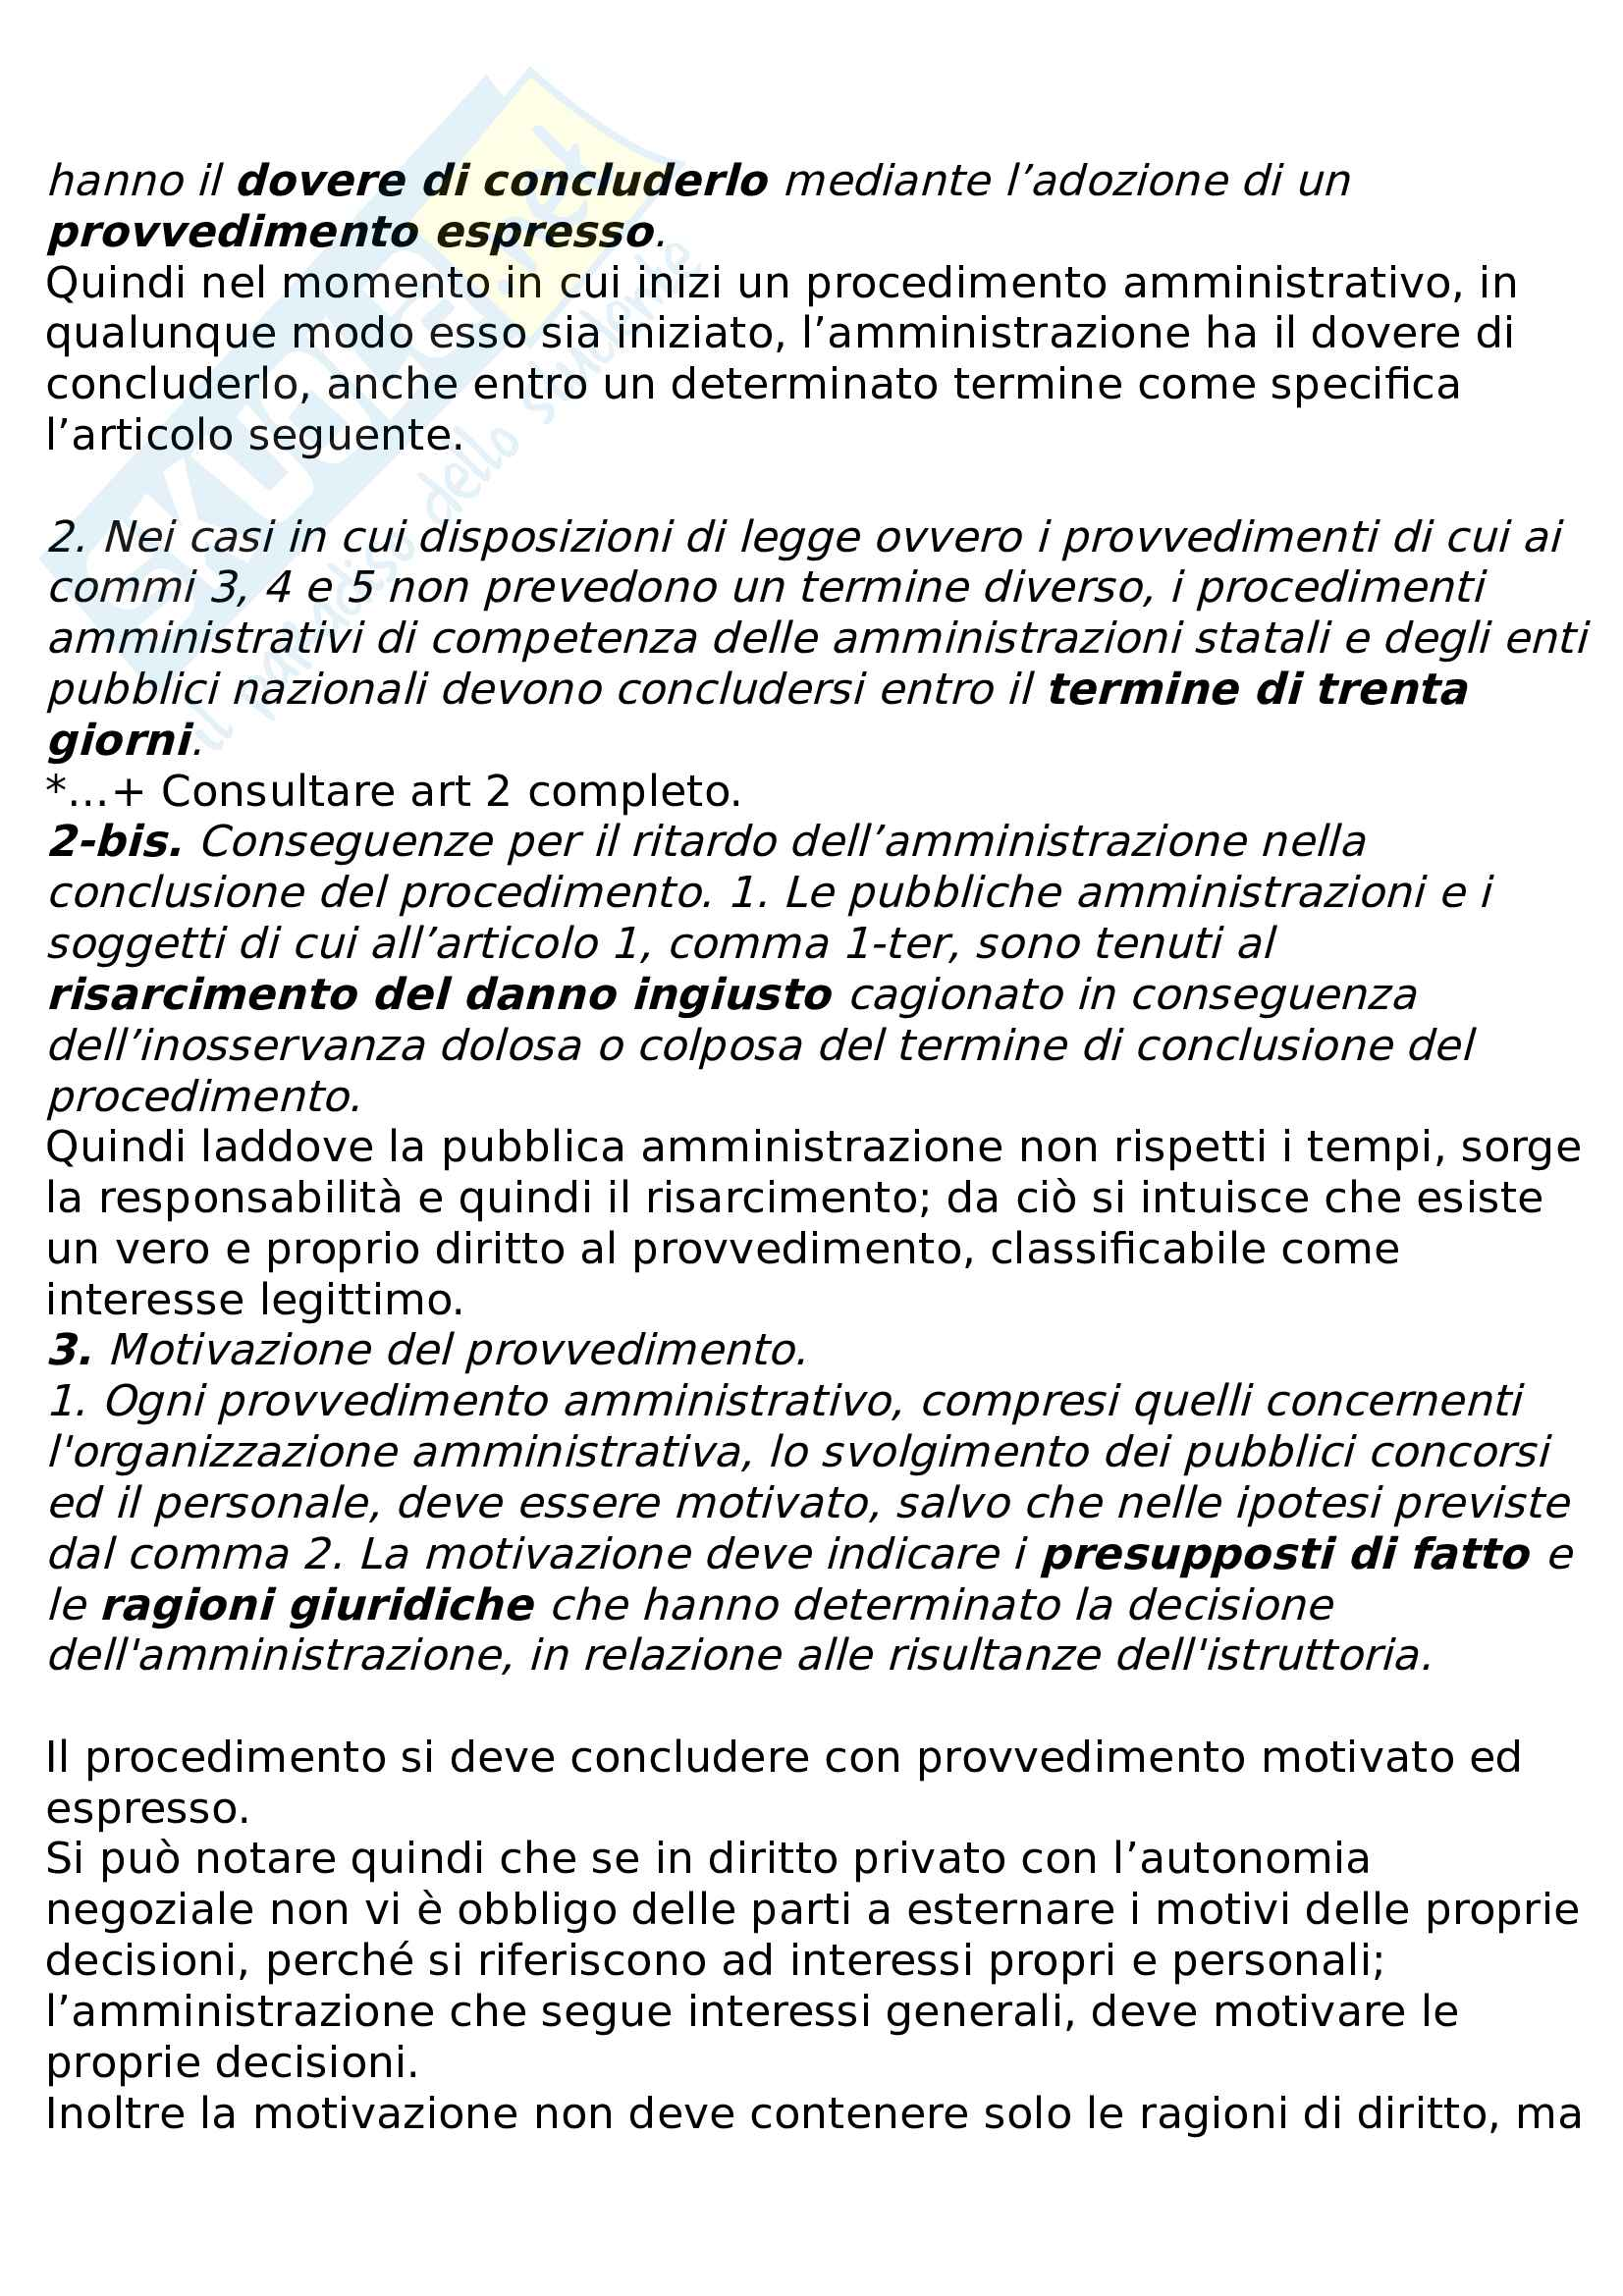 Riassunto diritto pubblico e amministrativo Pag. 41